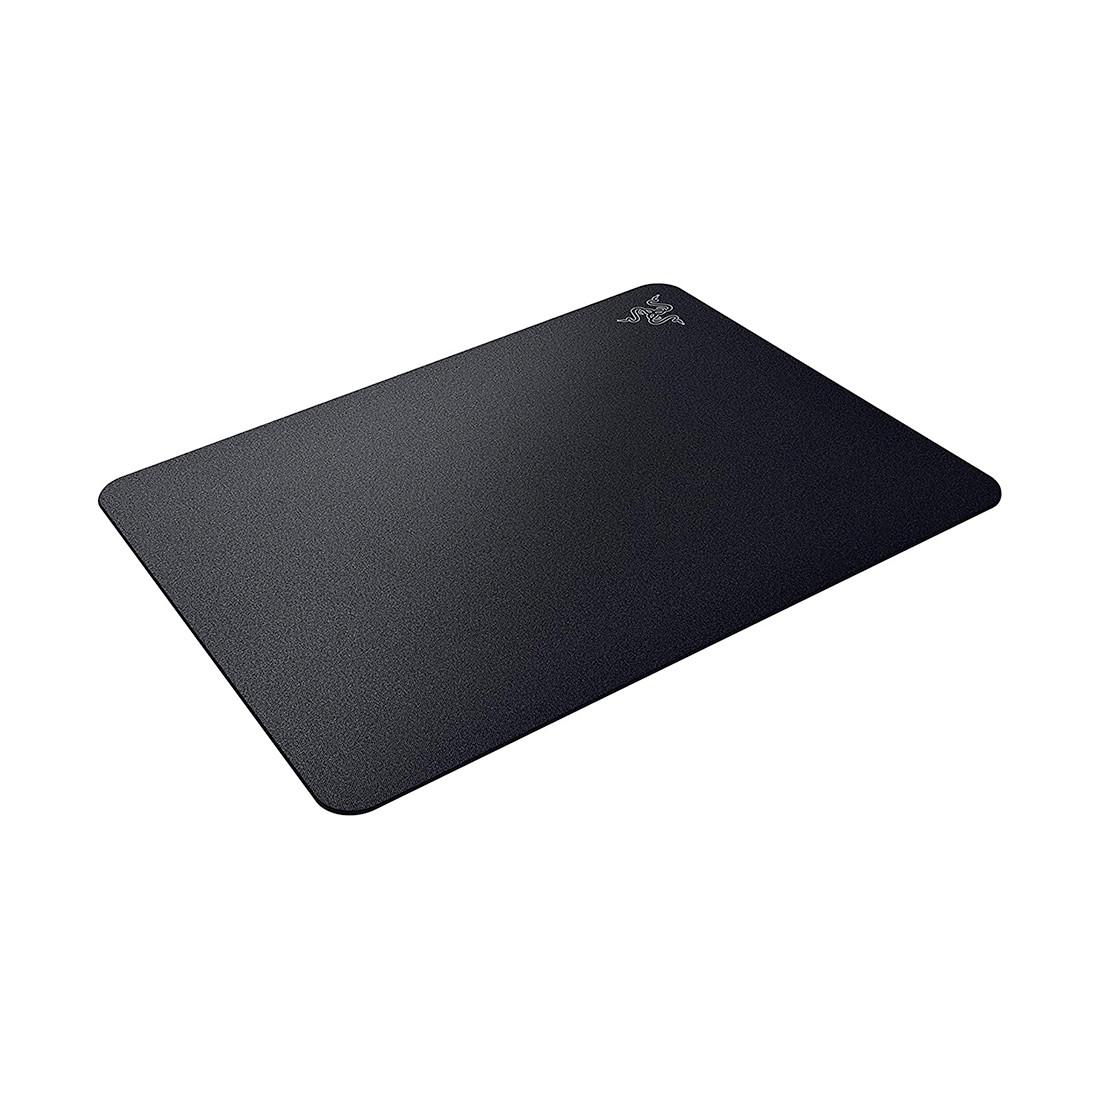 Коврик для компьютерной мыши, Razer, Acari, RZ02-03310100-R3M1, 420*320*1.95 мм, Микротекстурированная